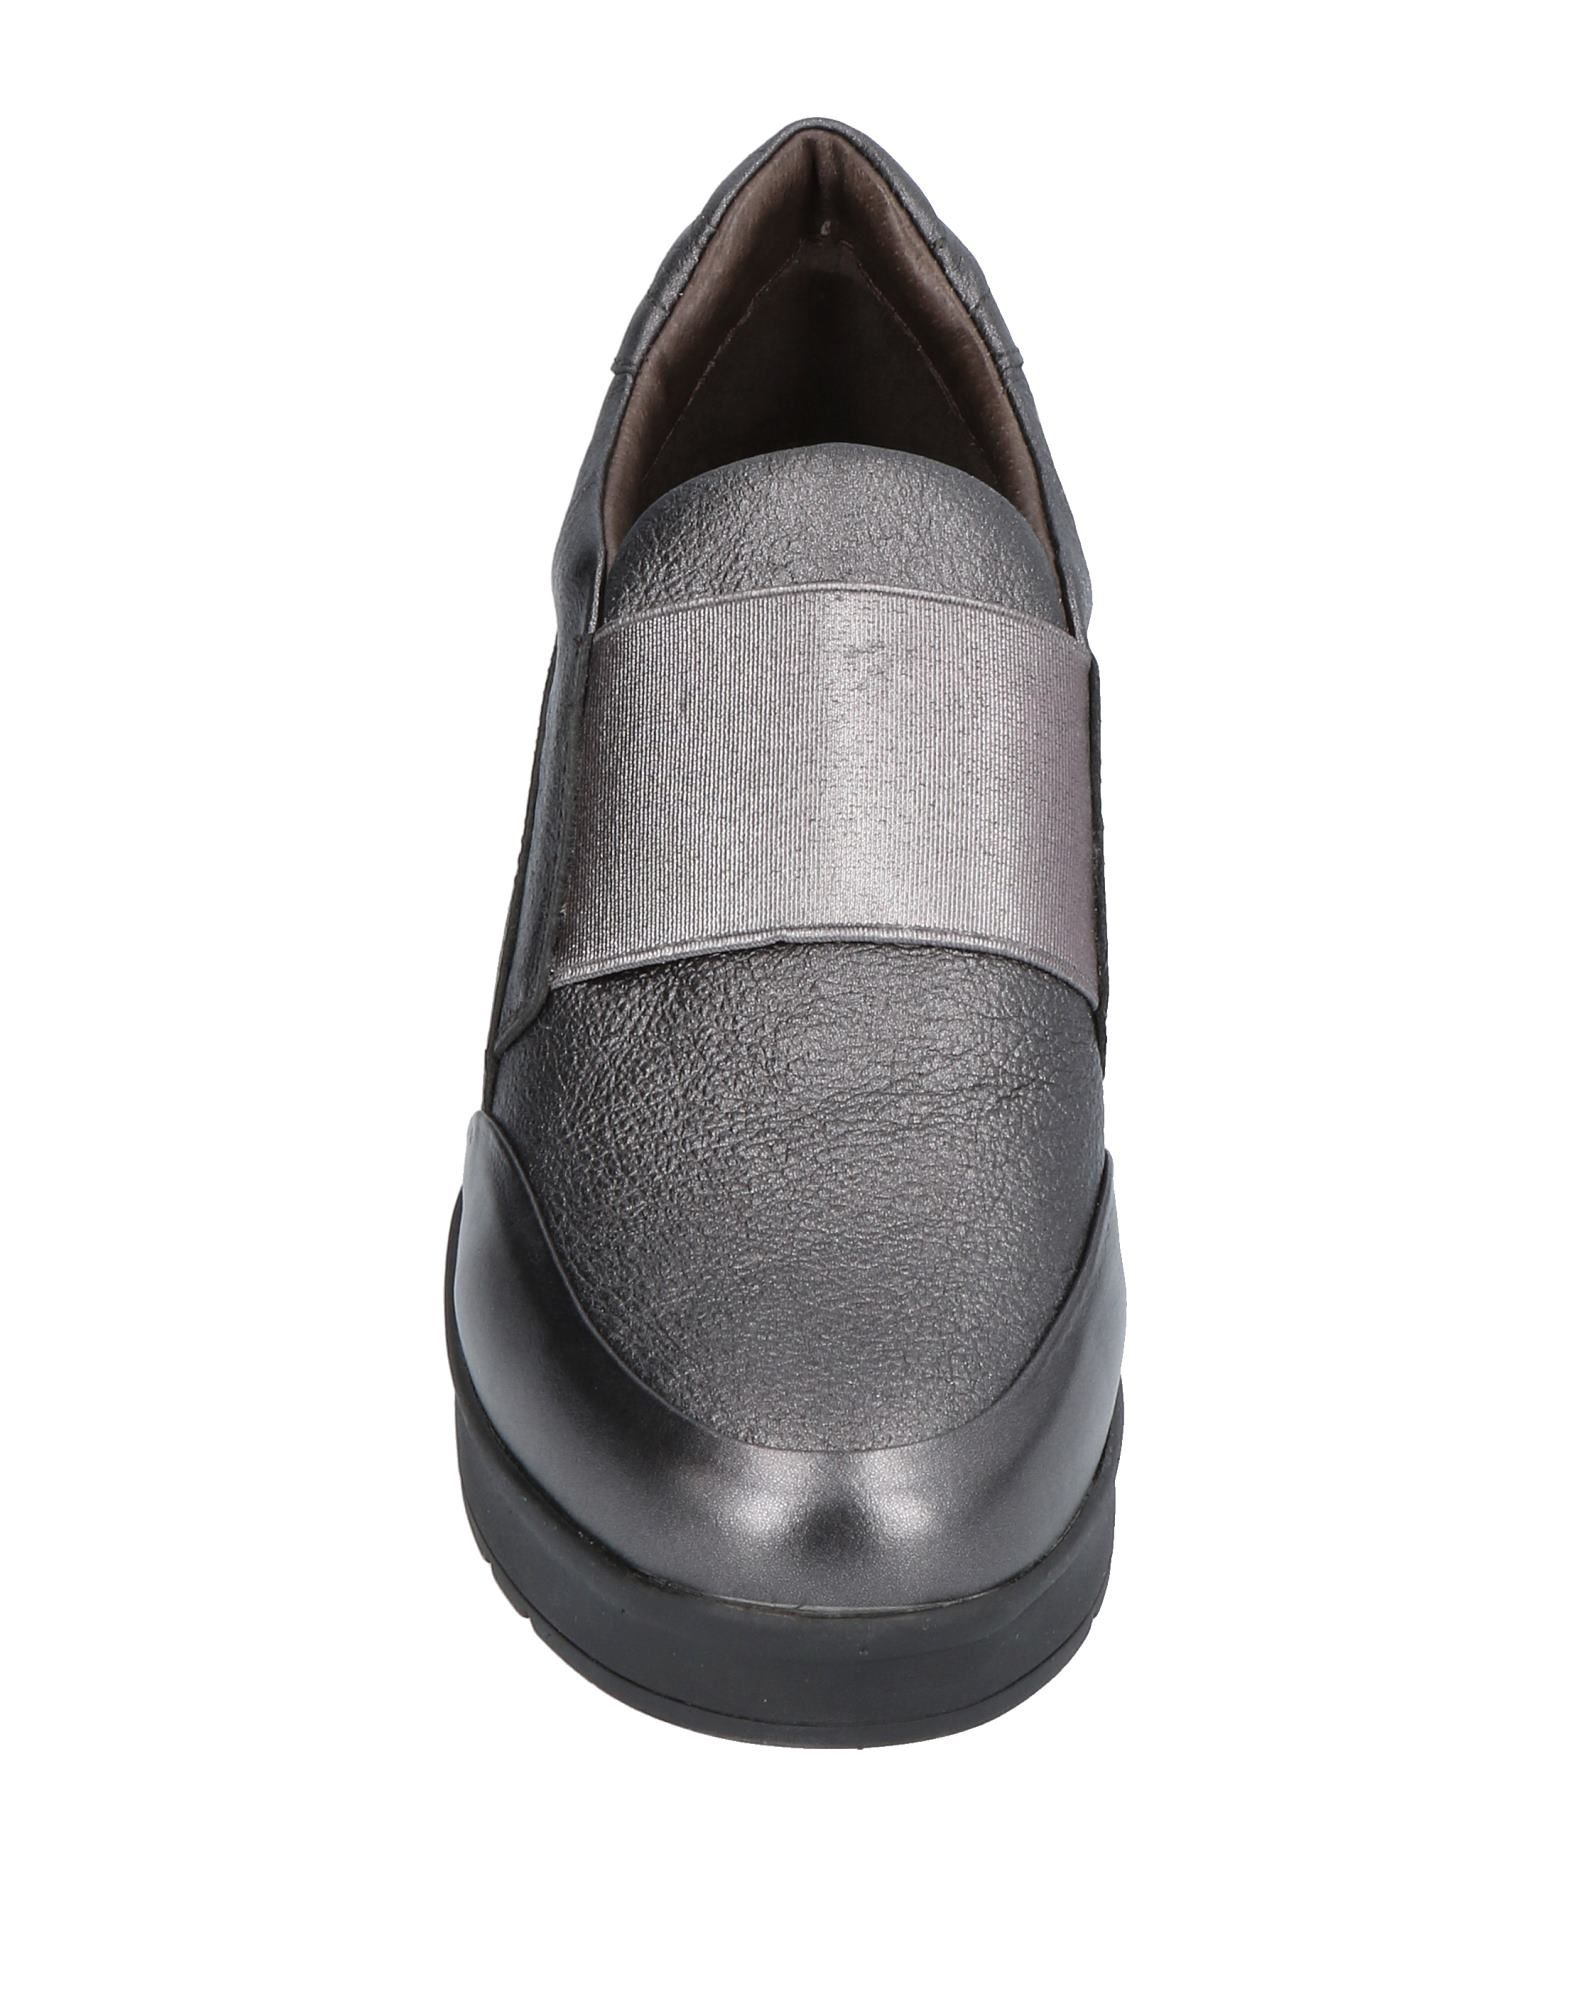 Stonefly Gute Sneakers Damen  11467206KN Gute Stonefly Qualität beliebte Schuhe 871118